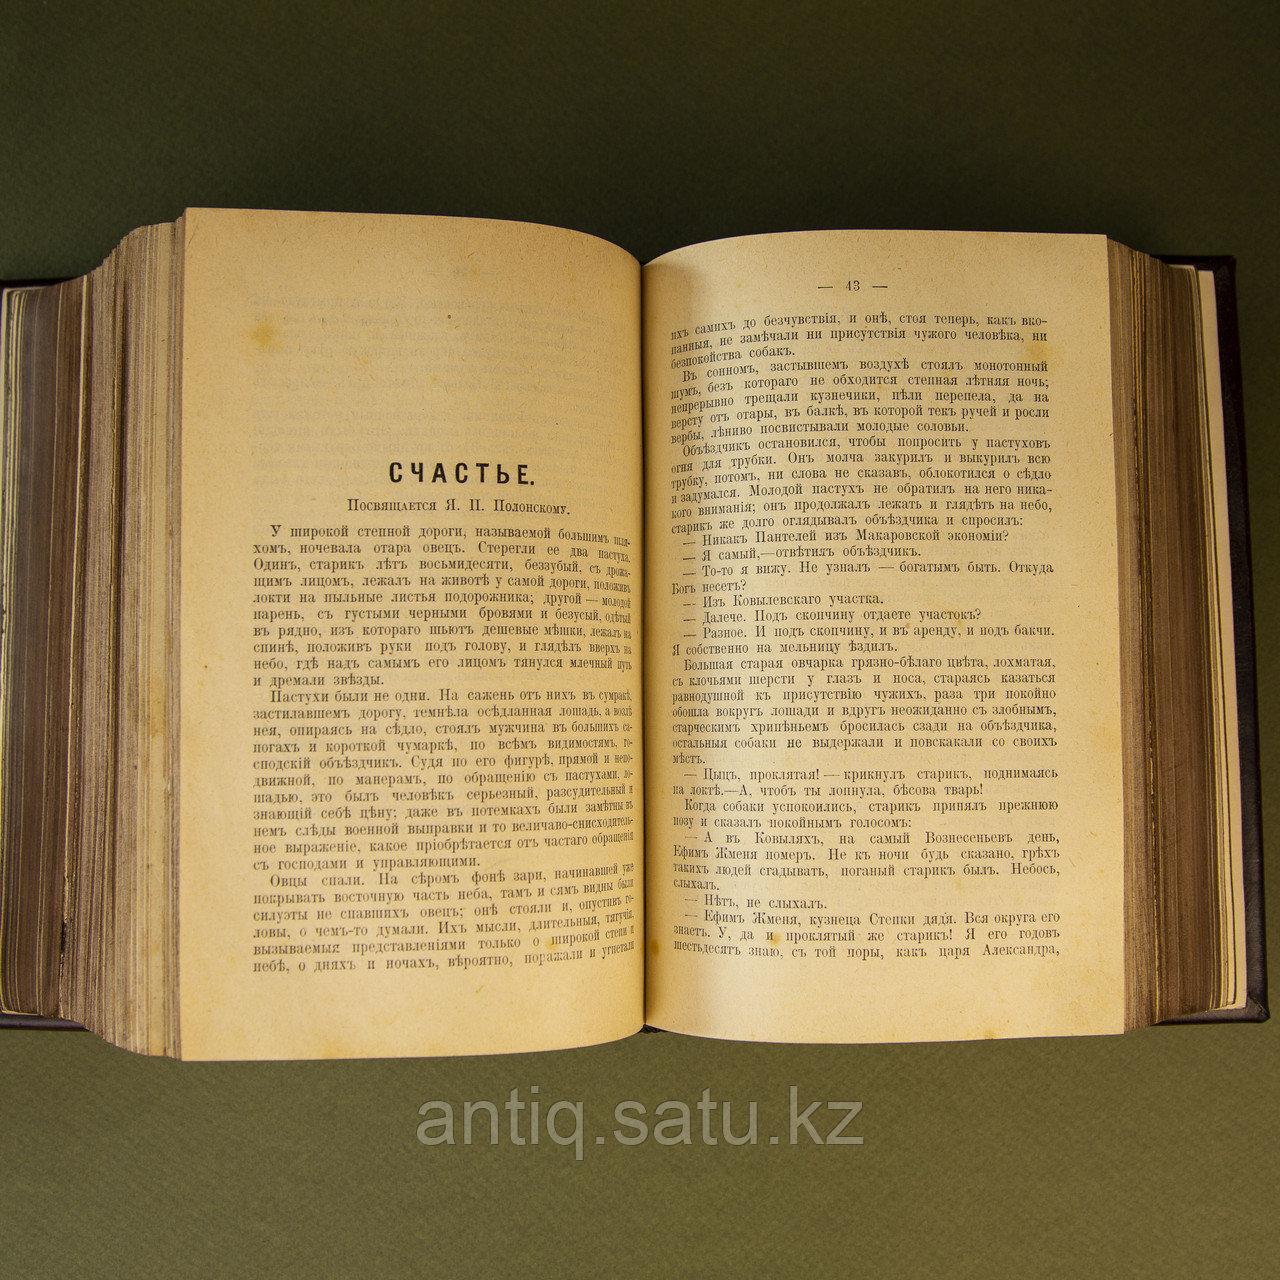 Собрание сочинений А.П. Чехова. 1903 год. Санкт-Петербург. - фото 6